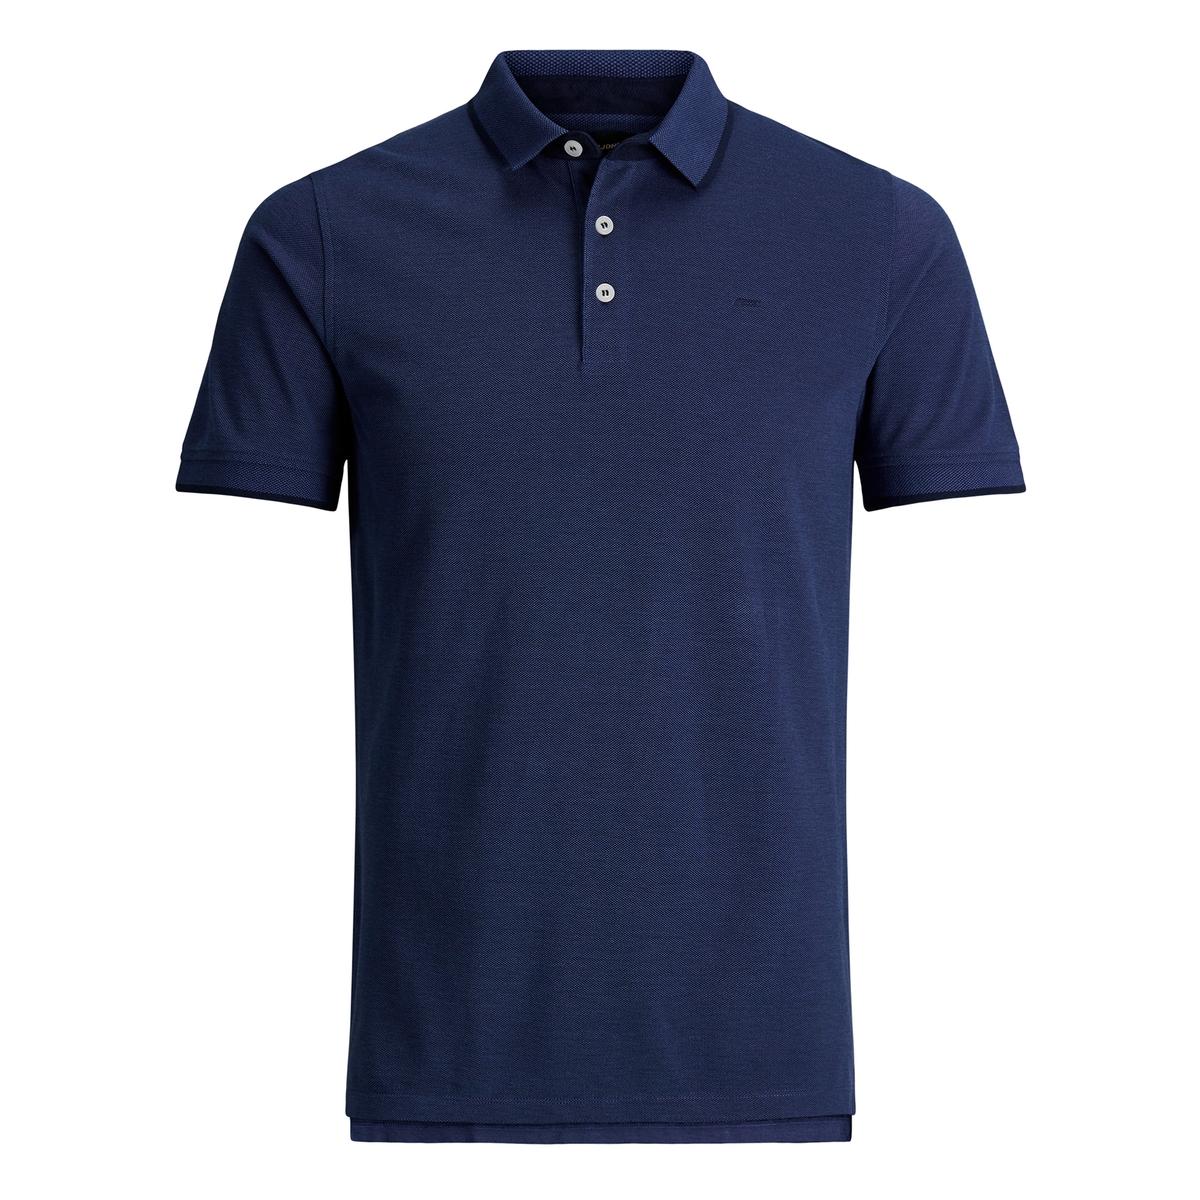 Футболка-поло с короткими рукавами, из трикотажа пике футболка quelle john devin 288247